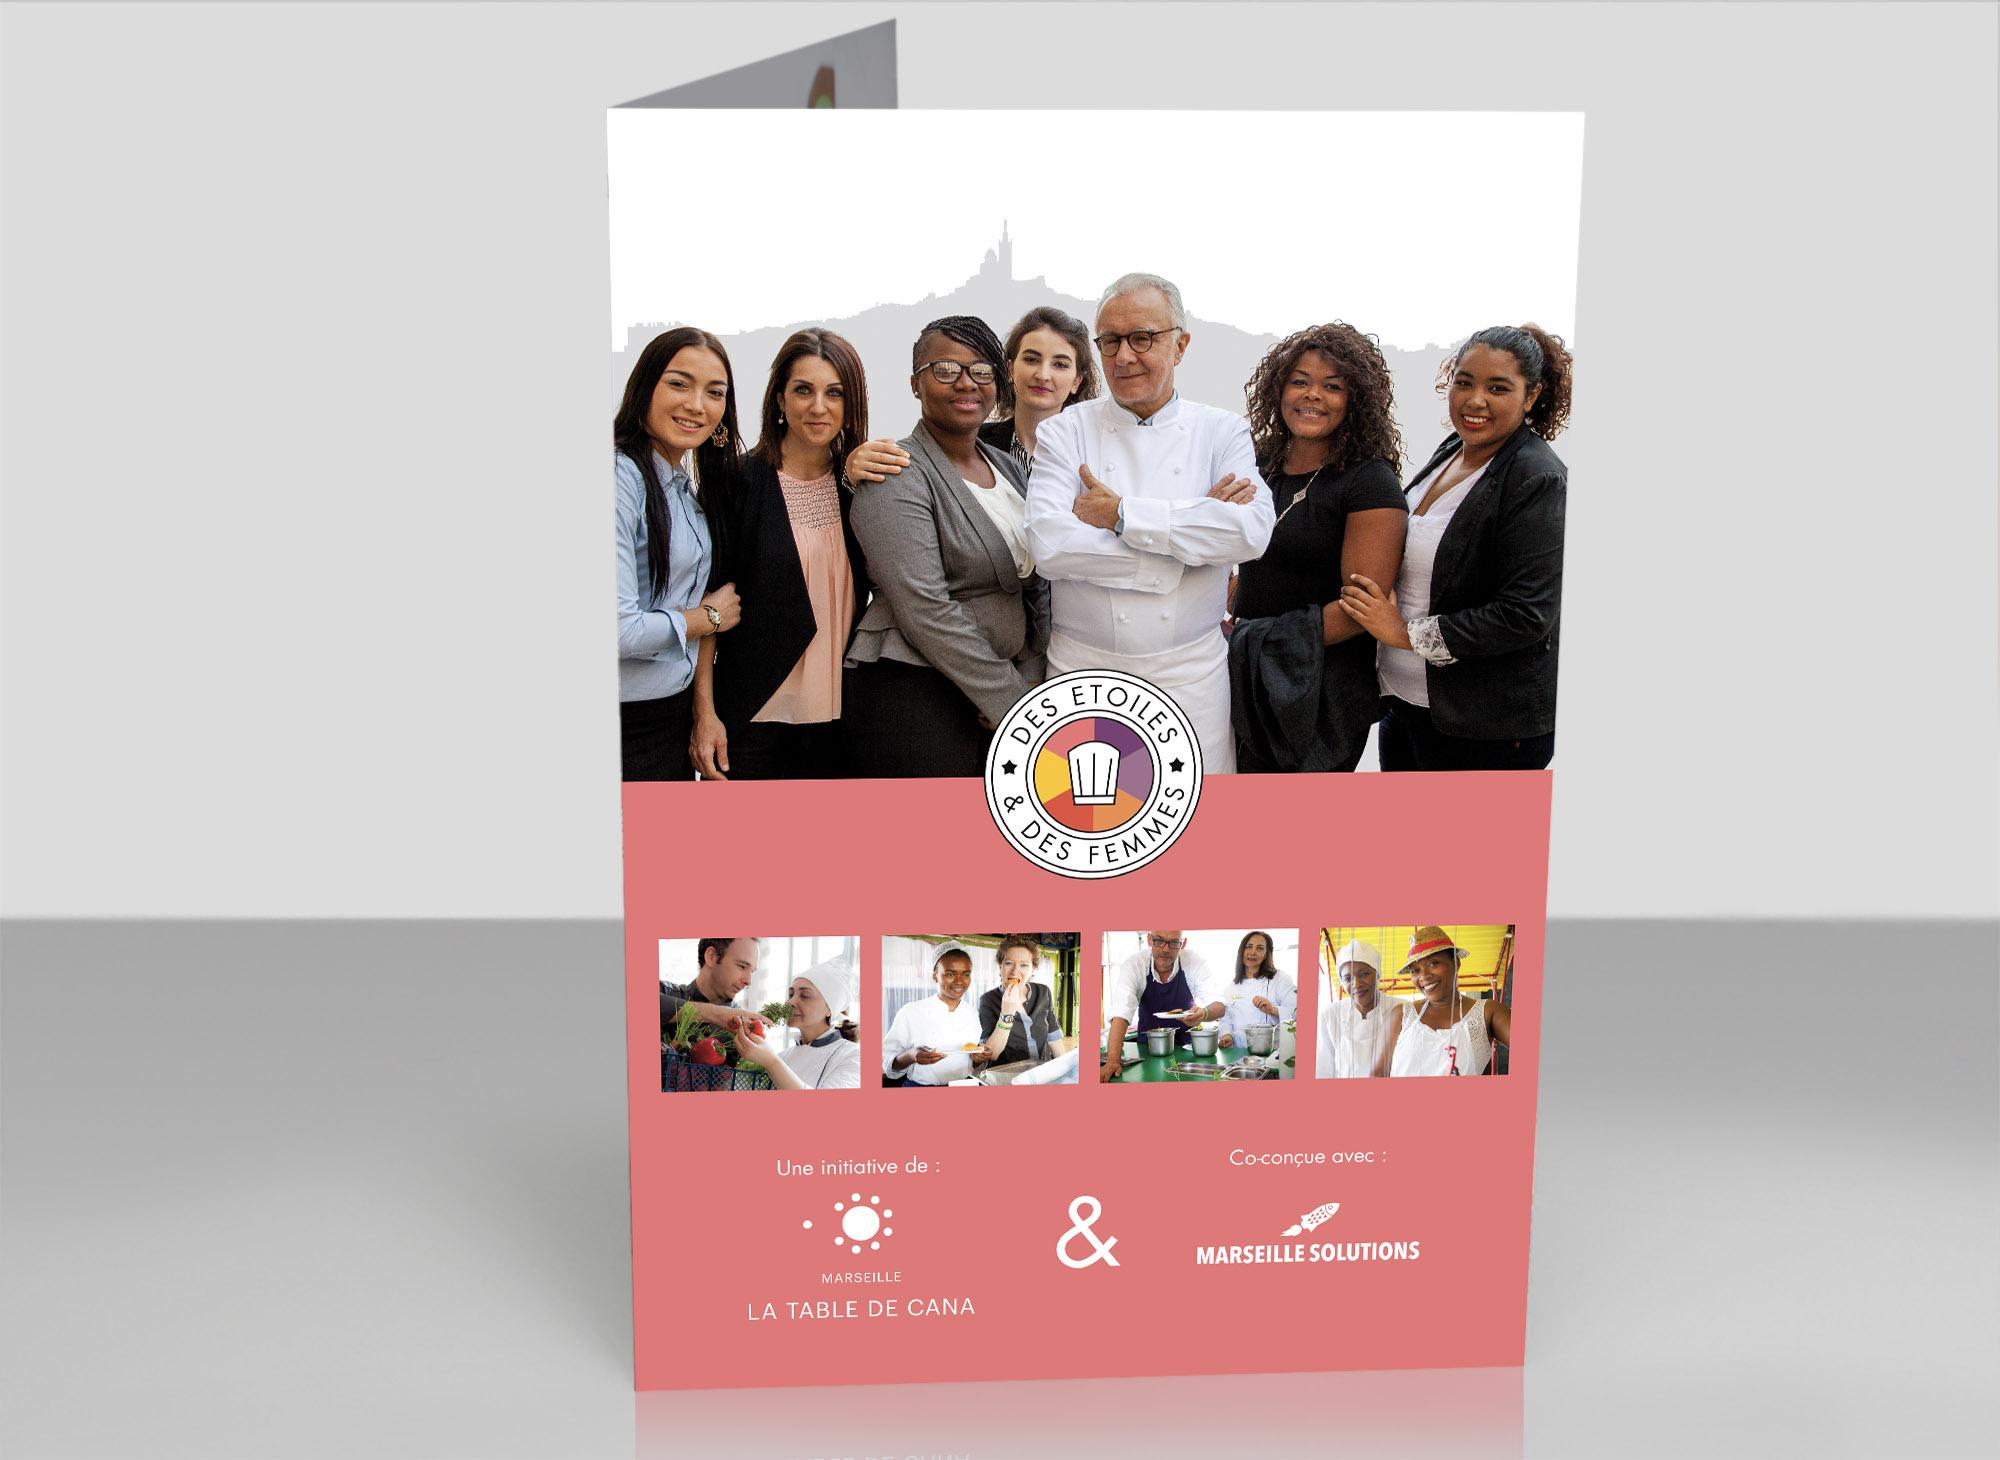 Création de plaquette pour « Des Étoiles & des Femmes »